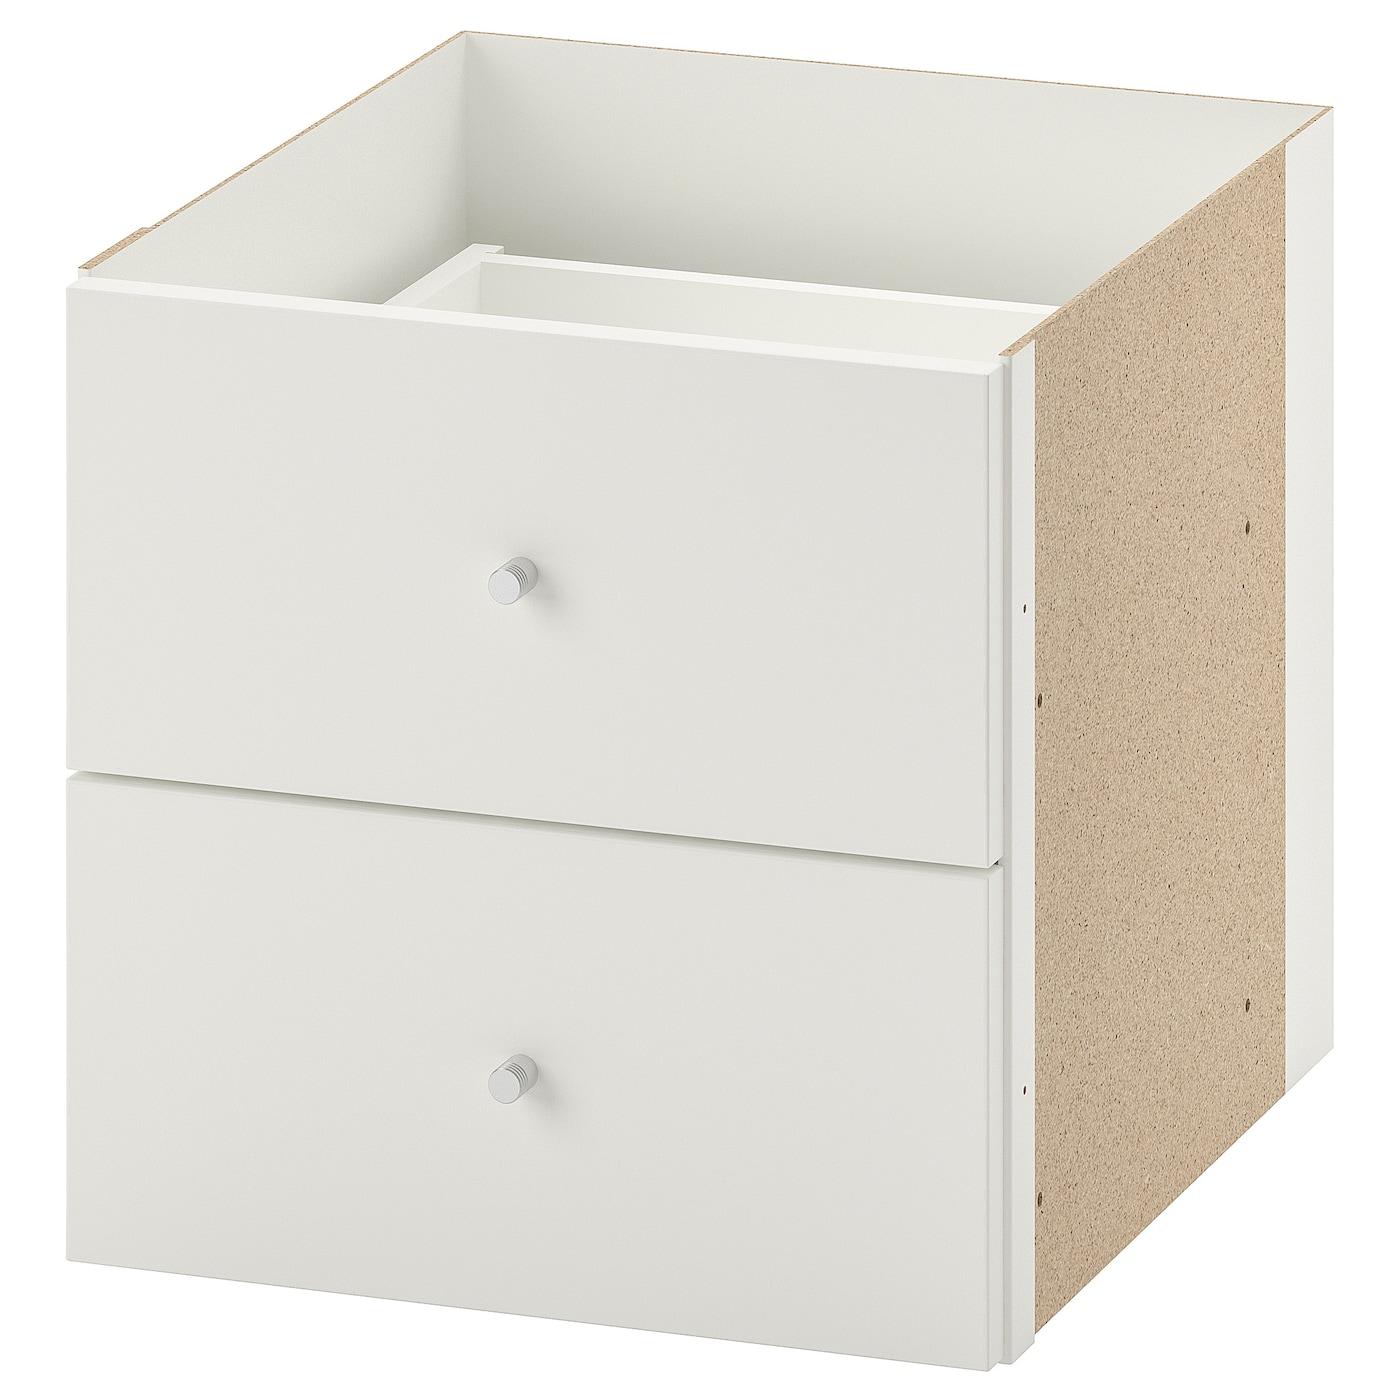 Full Size of Huis Meubels 33x33cm Ikea Kallaeinsatz Mit Tr Eicheneffekt Betten 160x200 Modulküche Küche Kosten Bei Kaufen Regal Raumteiler Miniküche Sofa Schlaffunktion Wohnzimmer Raumteiler Ikea